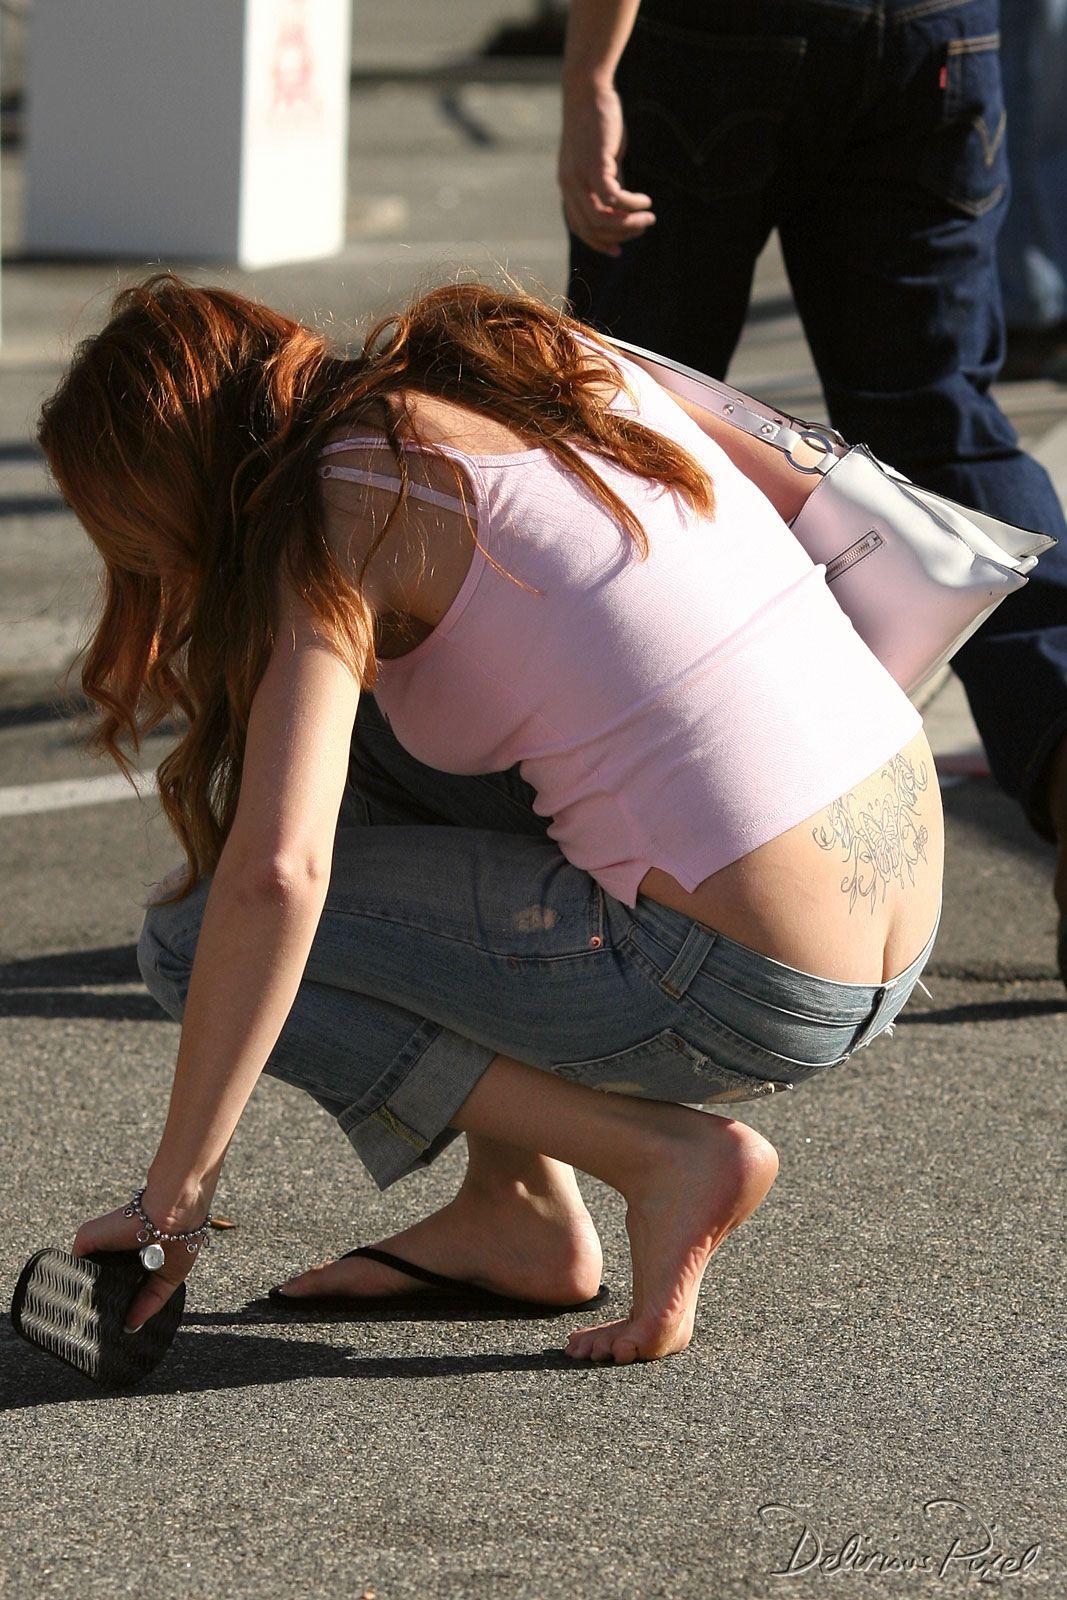 girls-sex-public-ass-crack